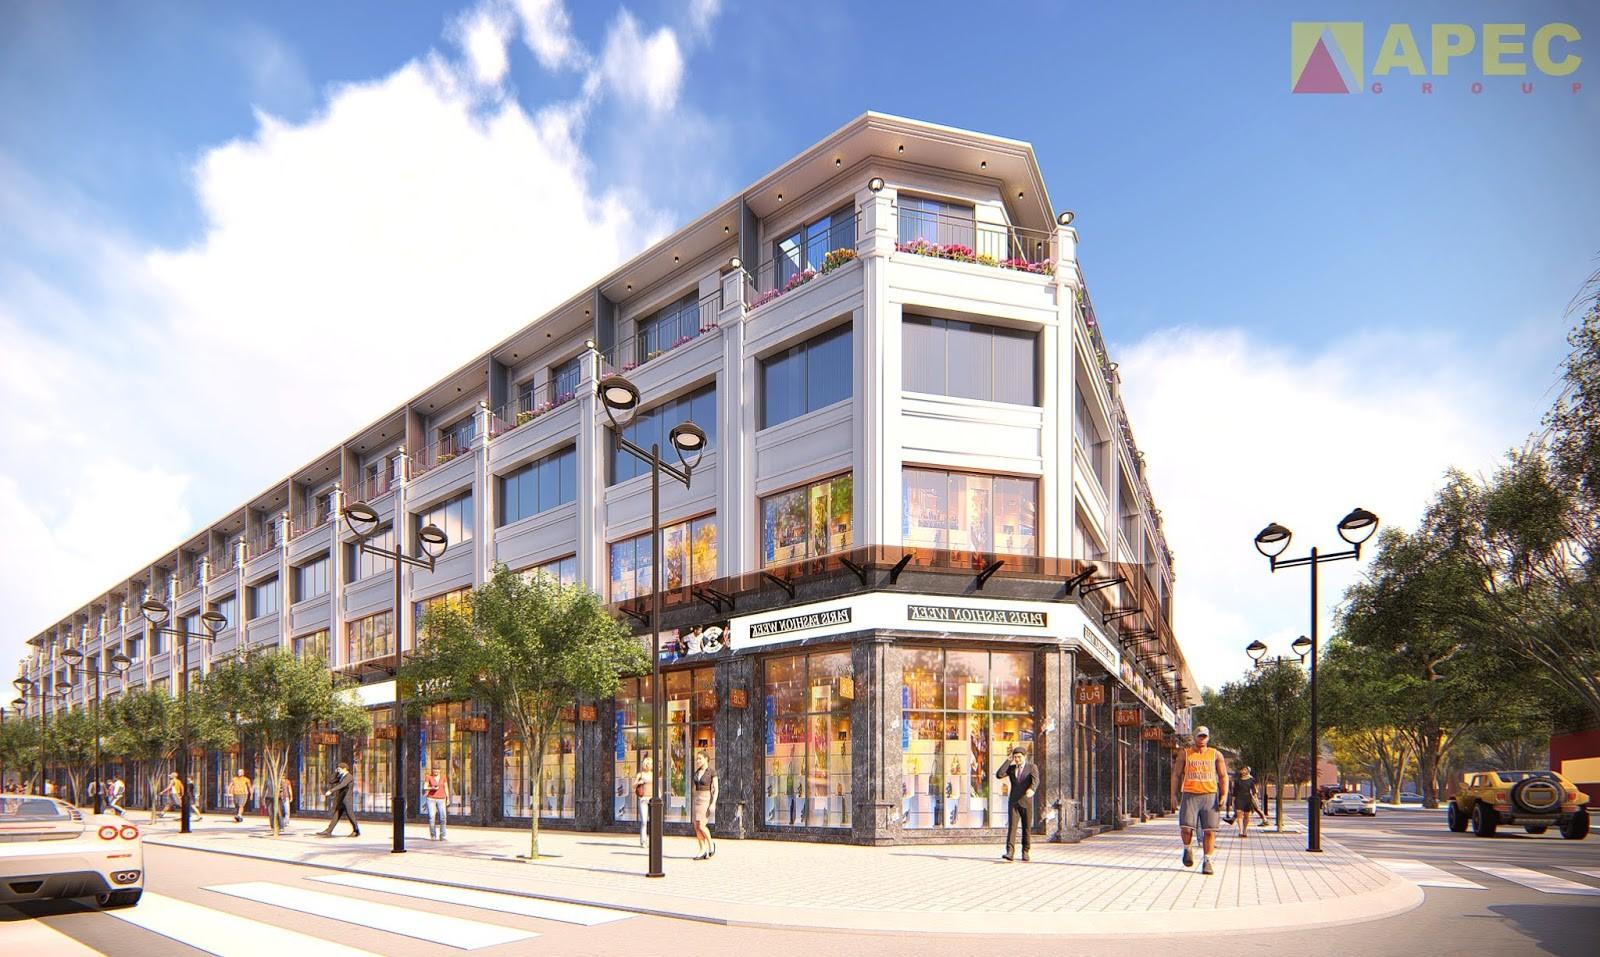 Phối cảnh dãy nhà phố thương mại thuộc dự án Apec Mandala Phú Yên